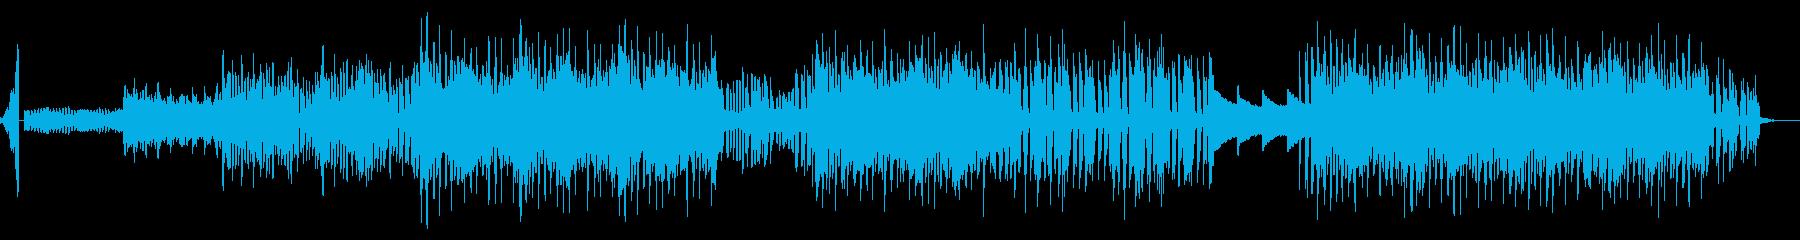 スパークドラム 夏のヒップホップバラードの再生済みの波形